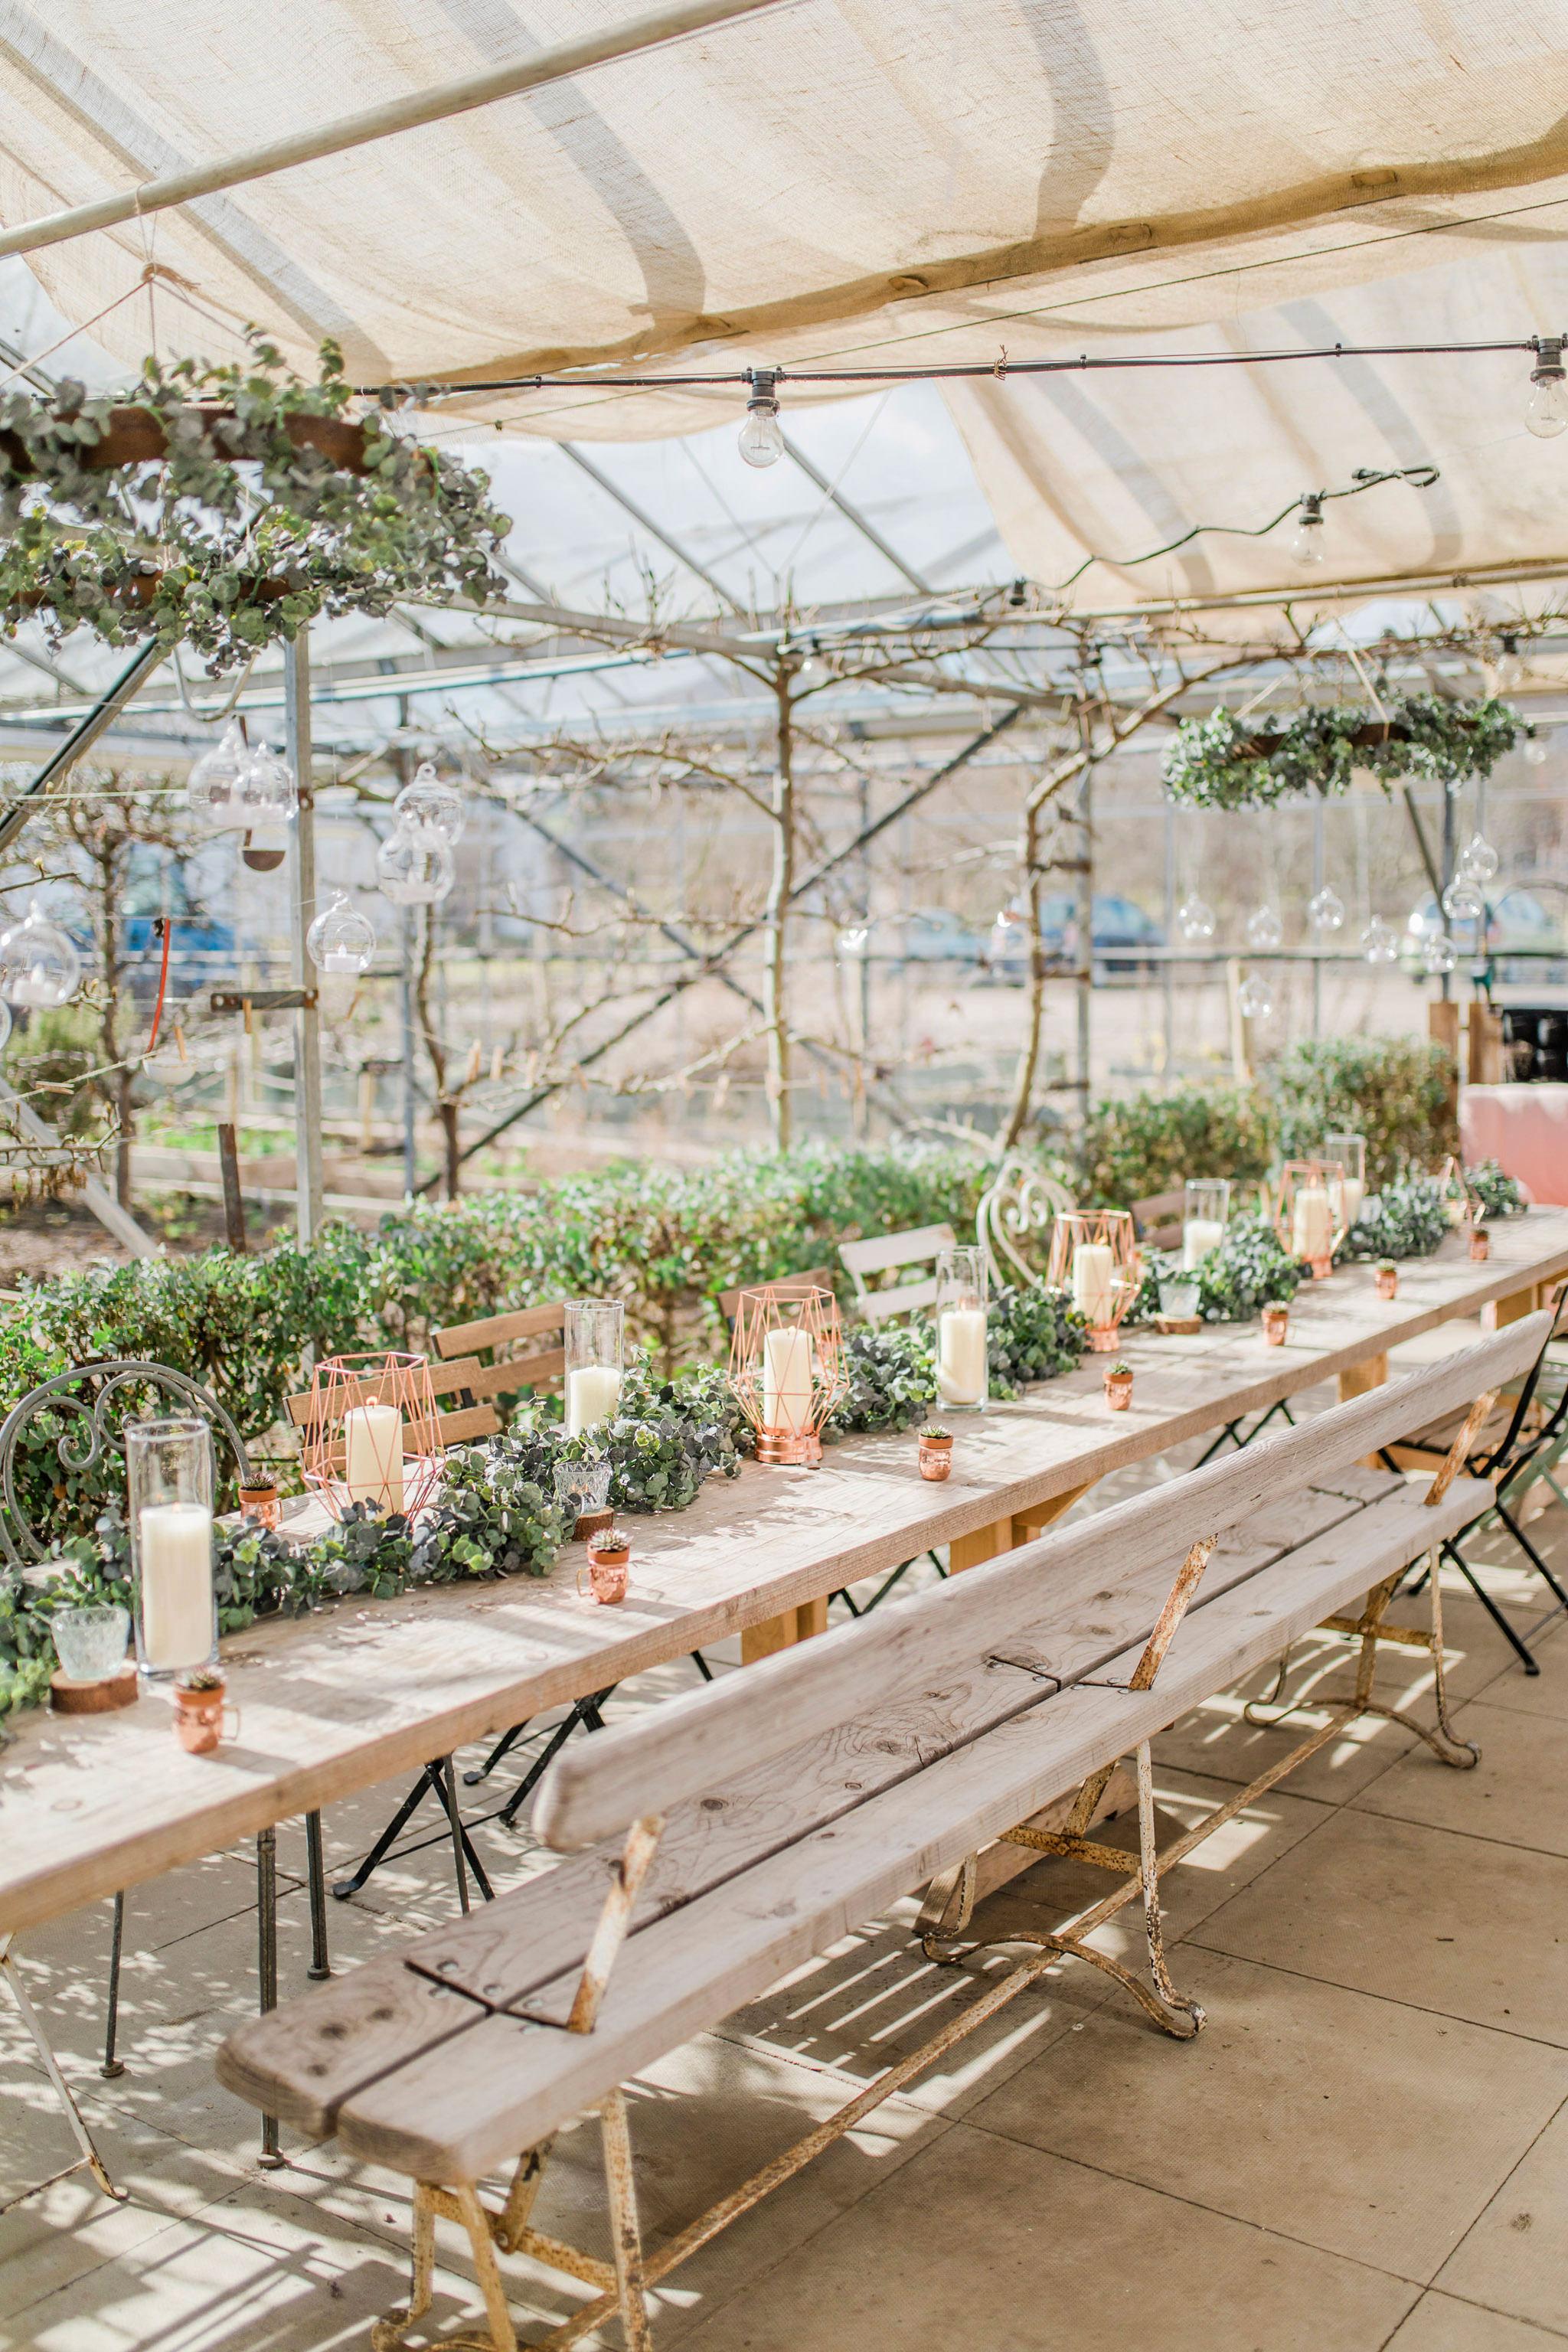 secret-herb-garden-wedding-photographer-edinburgh-28.jpg